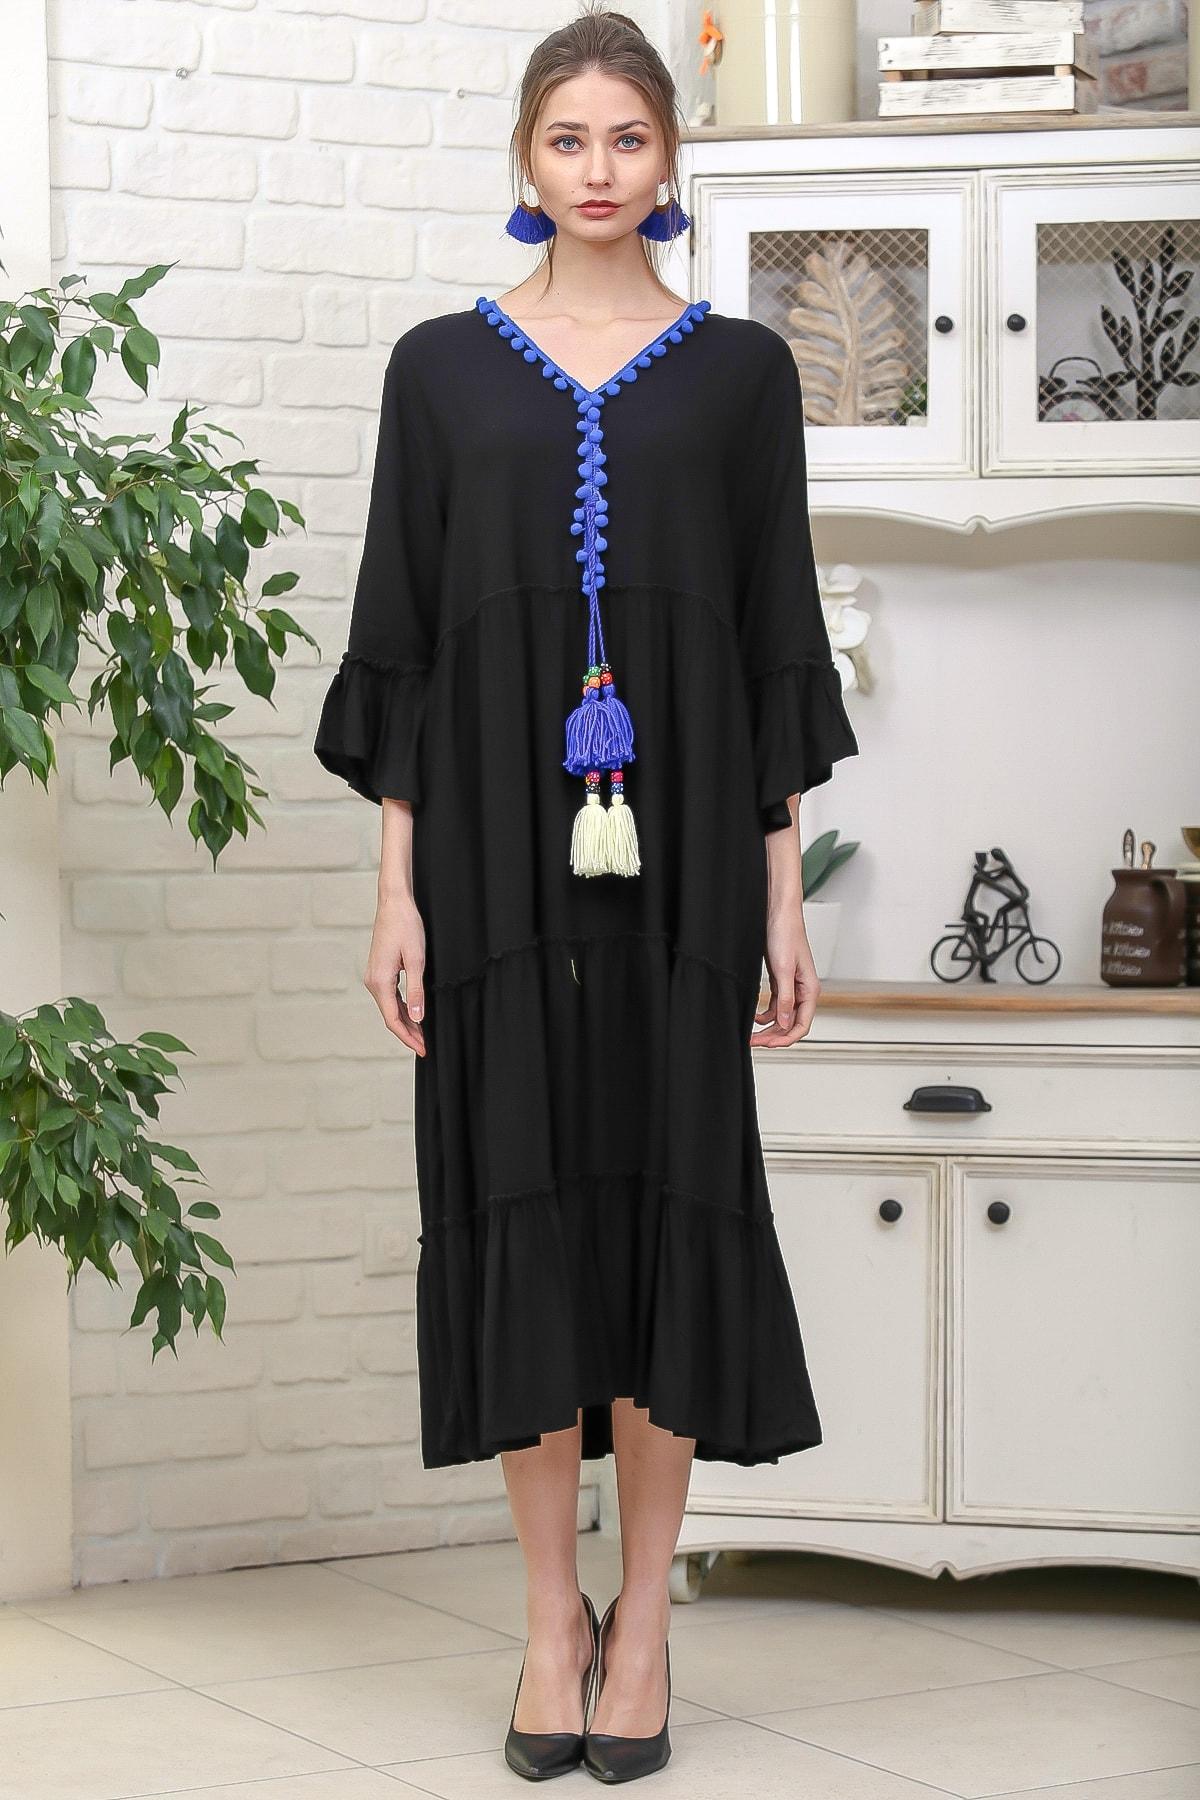 Chiccy Kadın Siyah-Mavi V Yaka Ponpon Detaylı Püsküllü Bağcıklı Salaş Dokuma Elbise M10160000EL95931 3